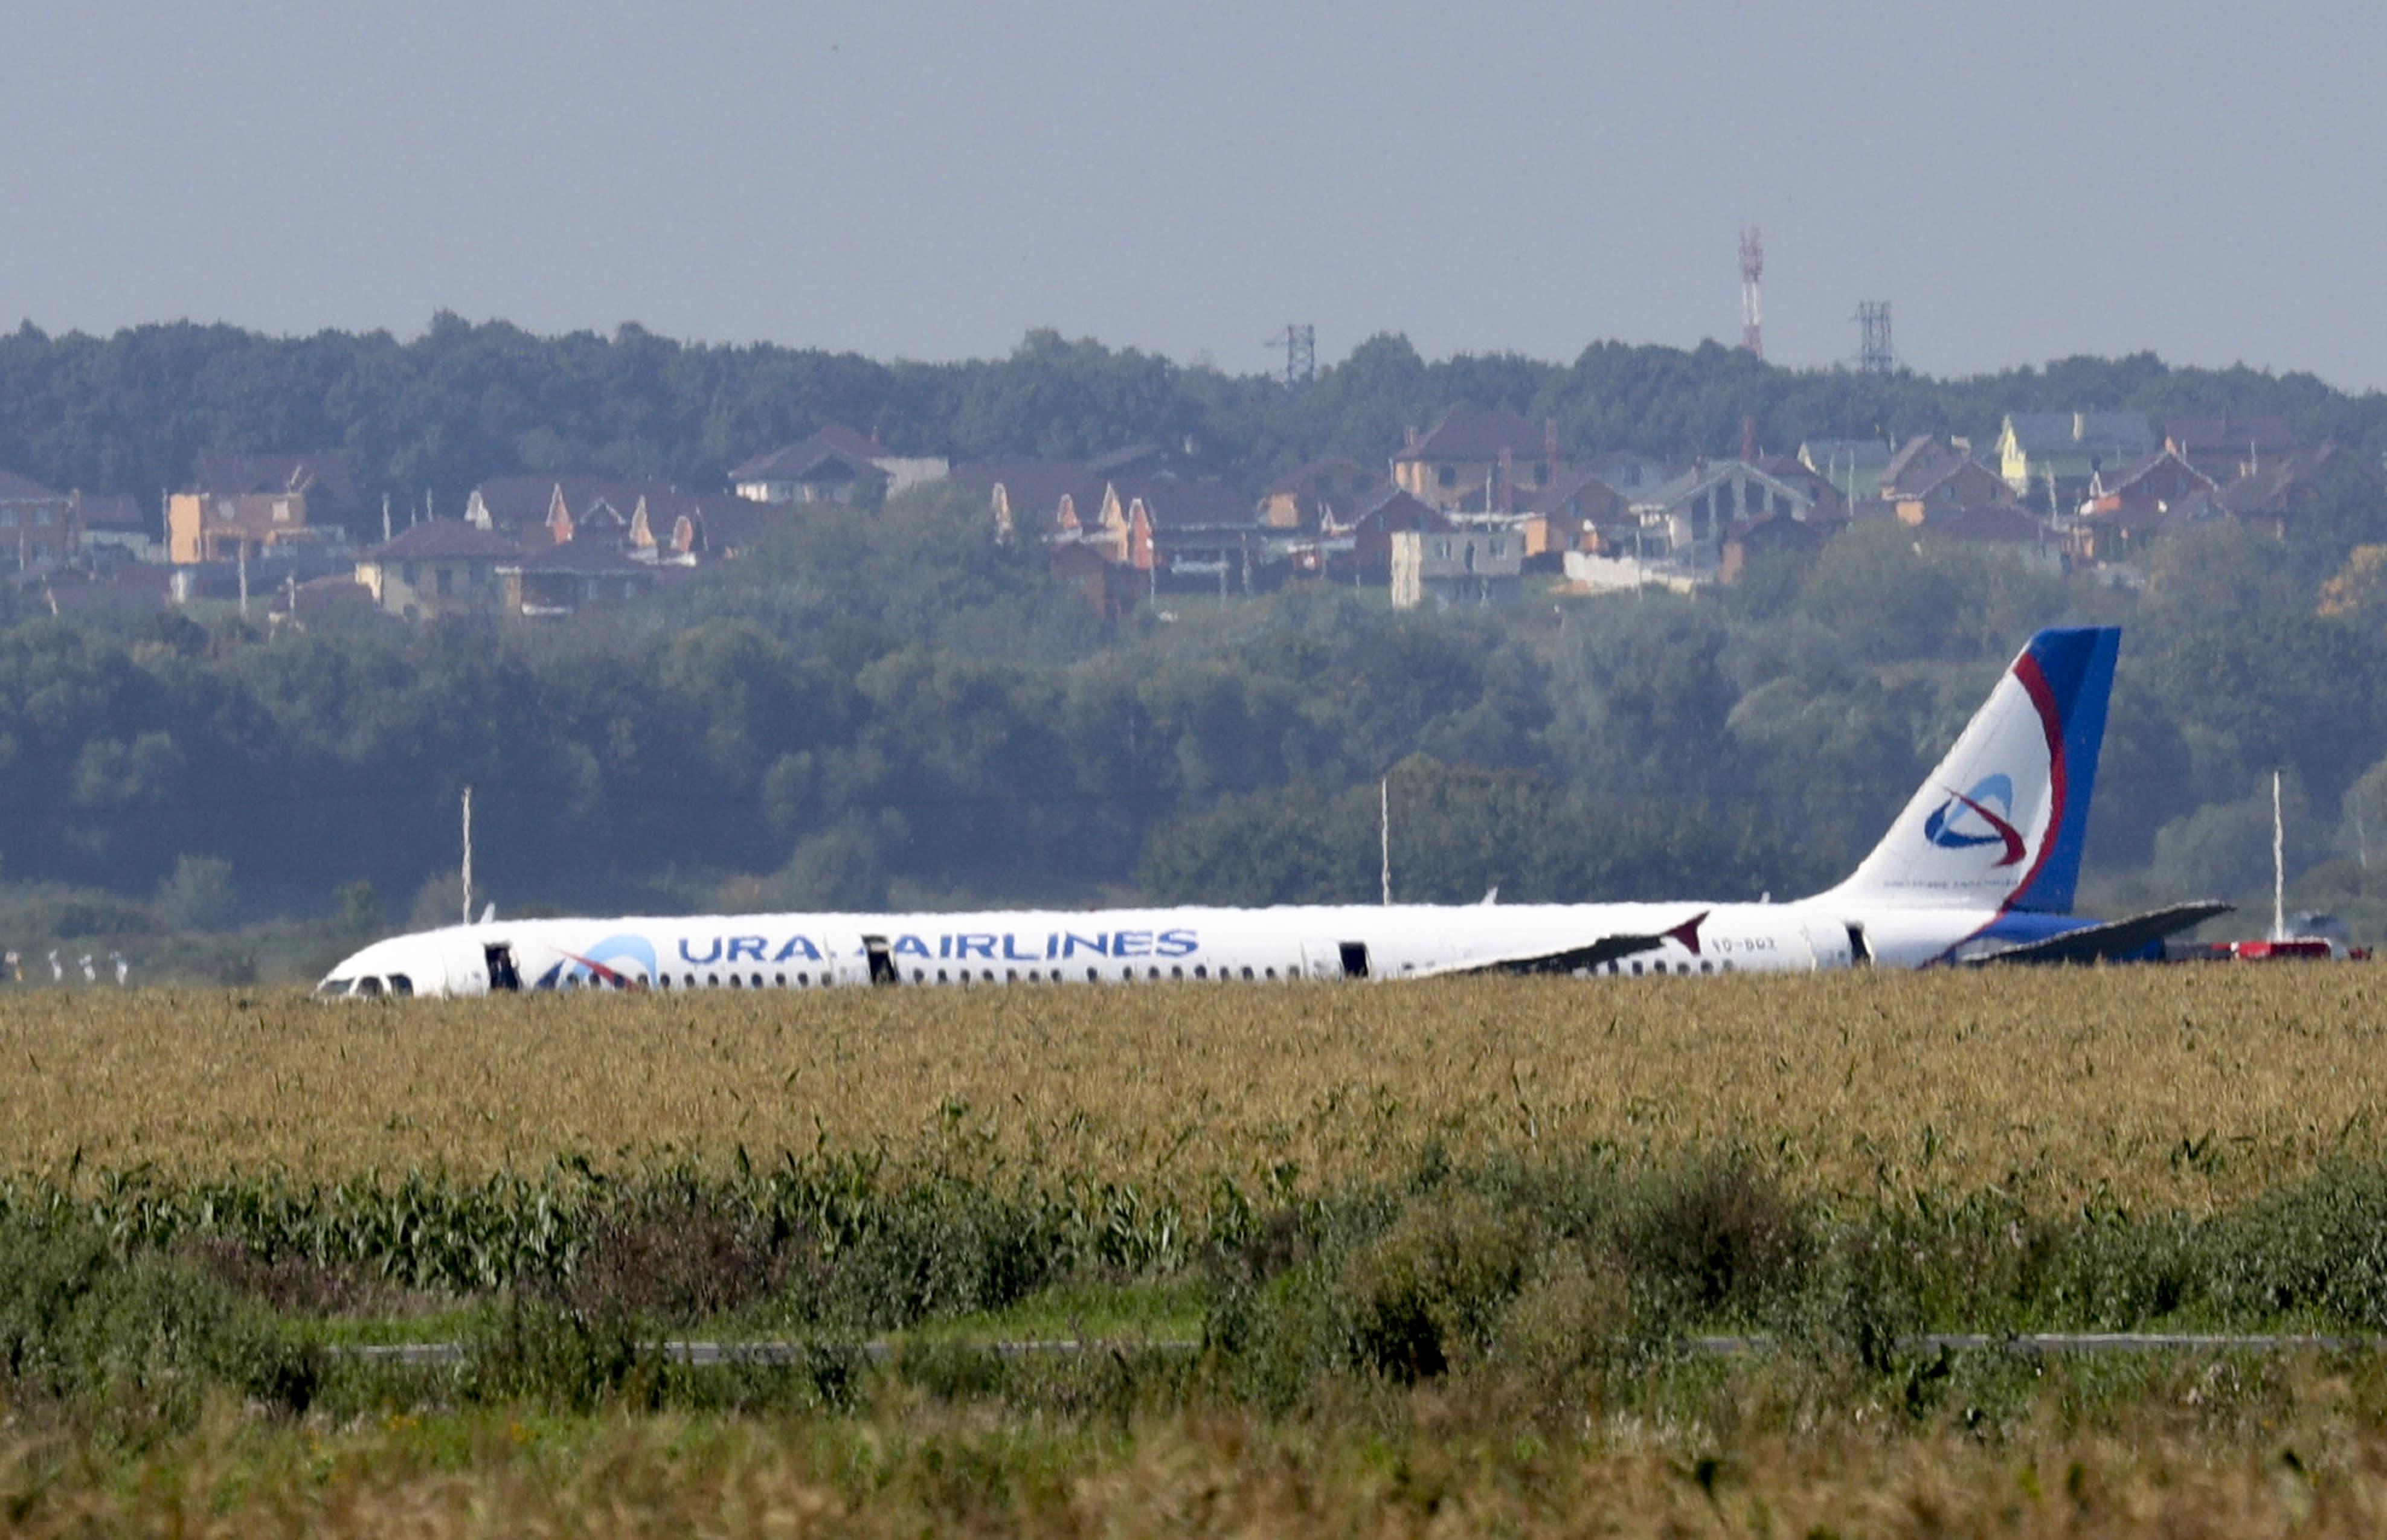 Un avión A321 de Russian Ural Airlines se ve después de un aterrizaje de emergencia en un campo de maíz cerca de Ramenskoye, en las afueras de Moscú, Rusia, el jueves 15 de agosto de 2019. El A321 de Russian Ural Airlines, con 226 pasajeros y una tripulación de siete, chocó con un bandada de pájaros mientras despegaba el jueves desde el aeropuerto Zhukovsky de Moscú. Las autoridades sanitarias rusas dijeron que 23 personas, incluidos cinco niños, han sido hospitalizadas con heridas. (Andrei Nikerichev, foto de la Agencia de Noticias de Moscú vía AP)